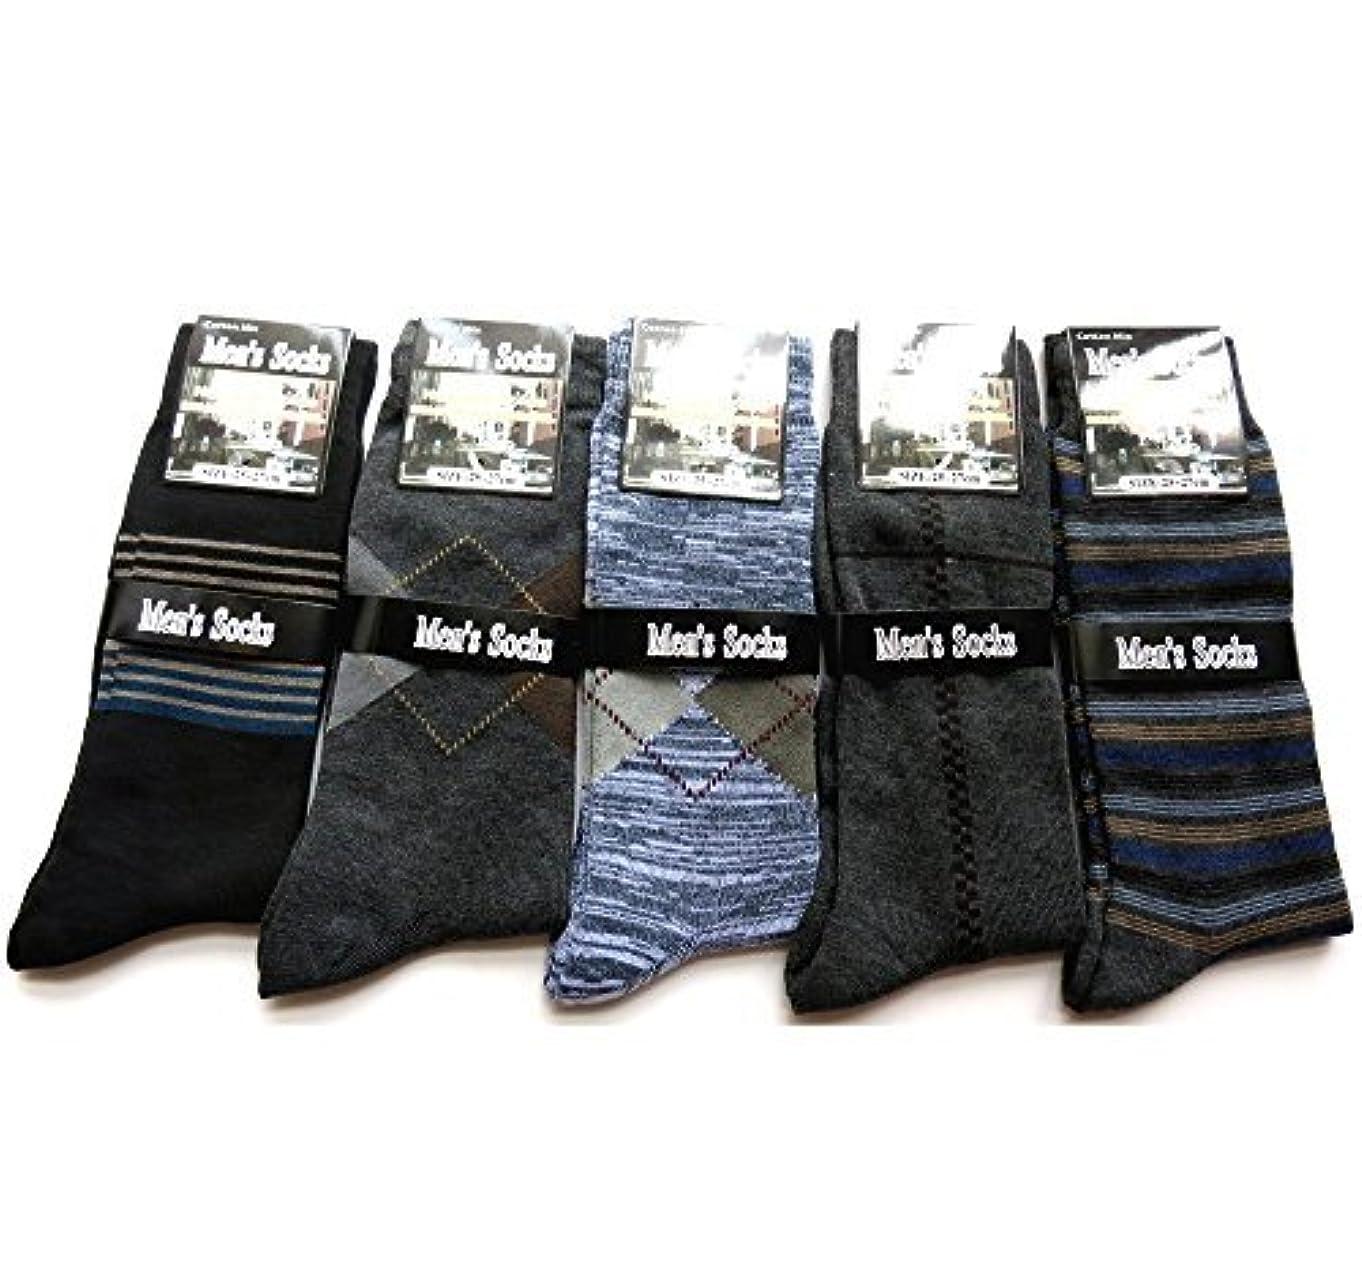 保険をかける責任未使用紳士 ビジネスソックス カジュアル ソックス メンズ 靴下 メンズ 25-27cm 5足セット(柄はお任せ)